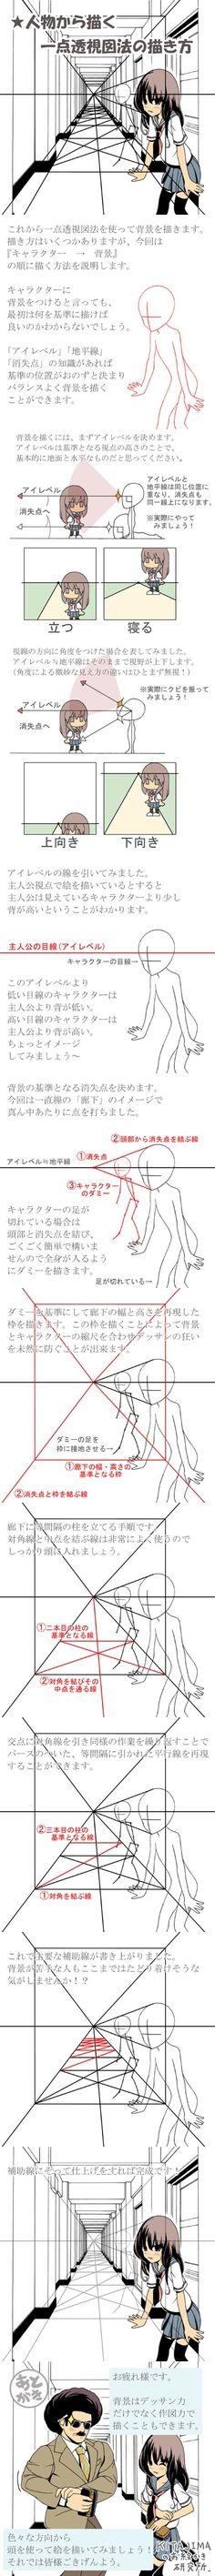 人物から描く一点透視図法の描き方